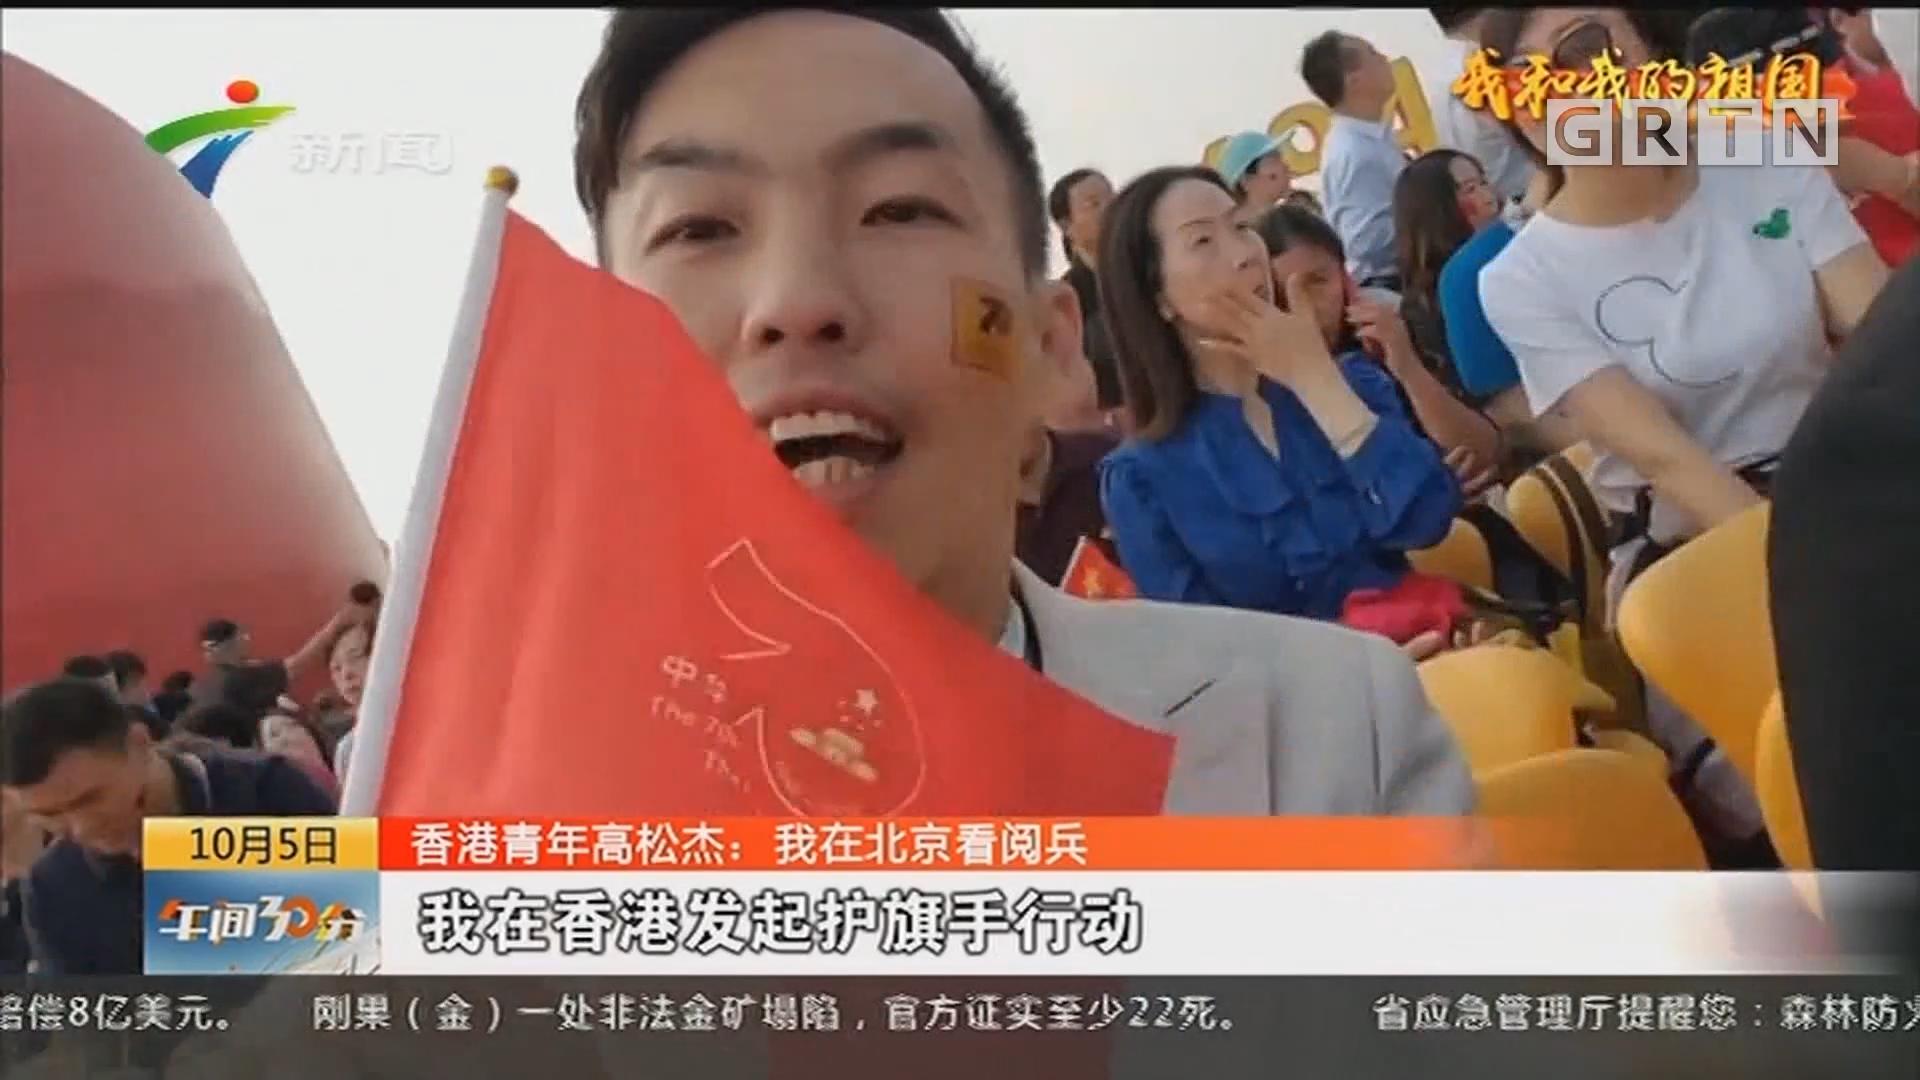 香港青年高松杰:我在北京看阅兵